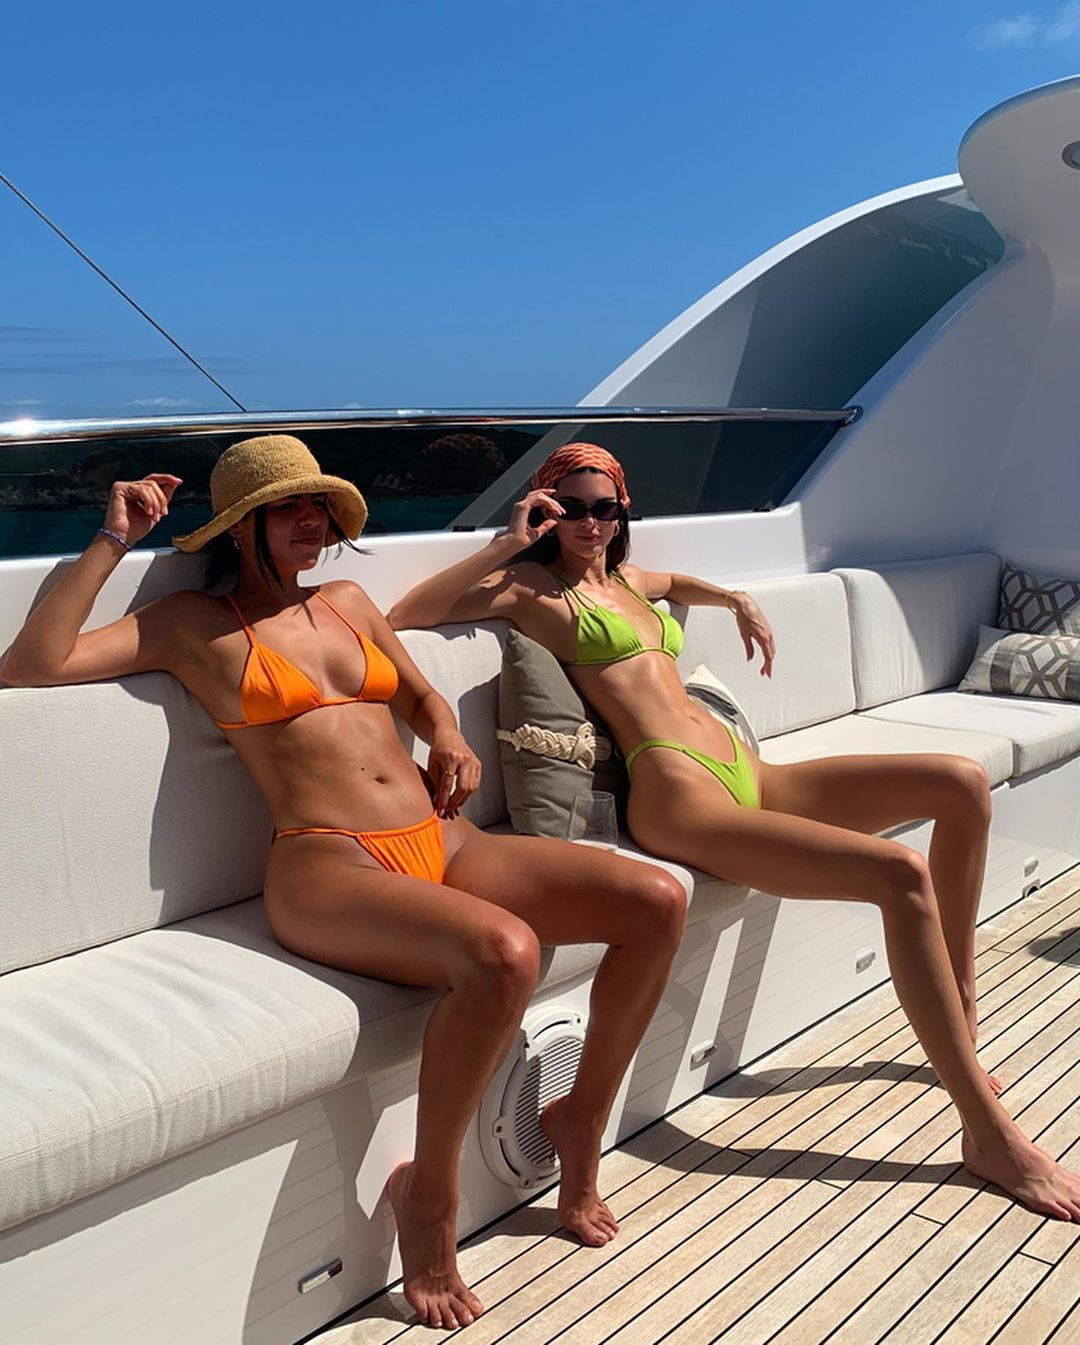 kiểu bikini đẹp nhún chun dây màu cam xanh lá kendall